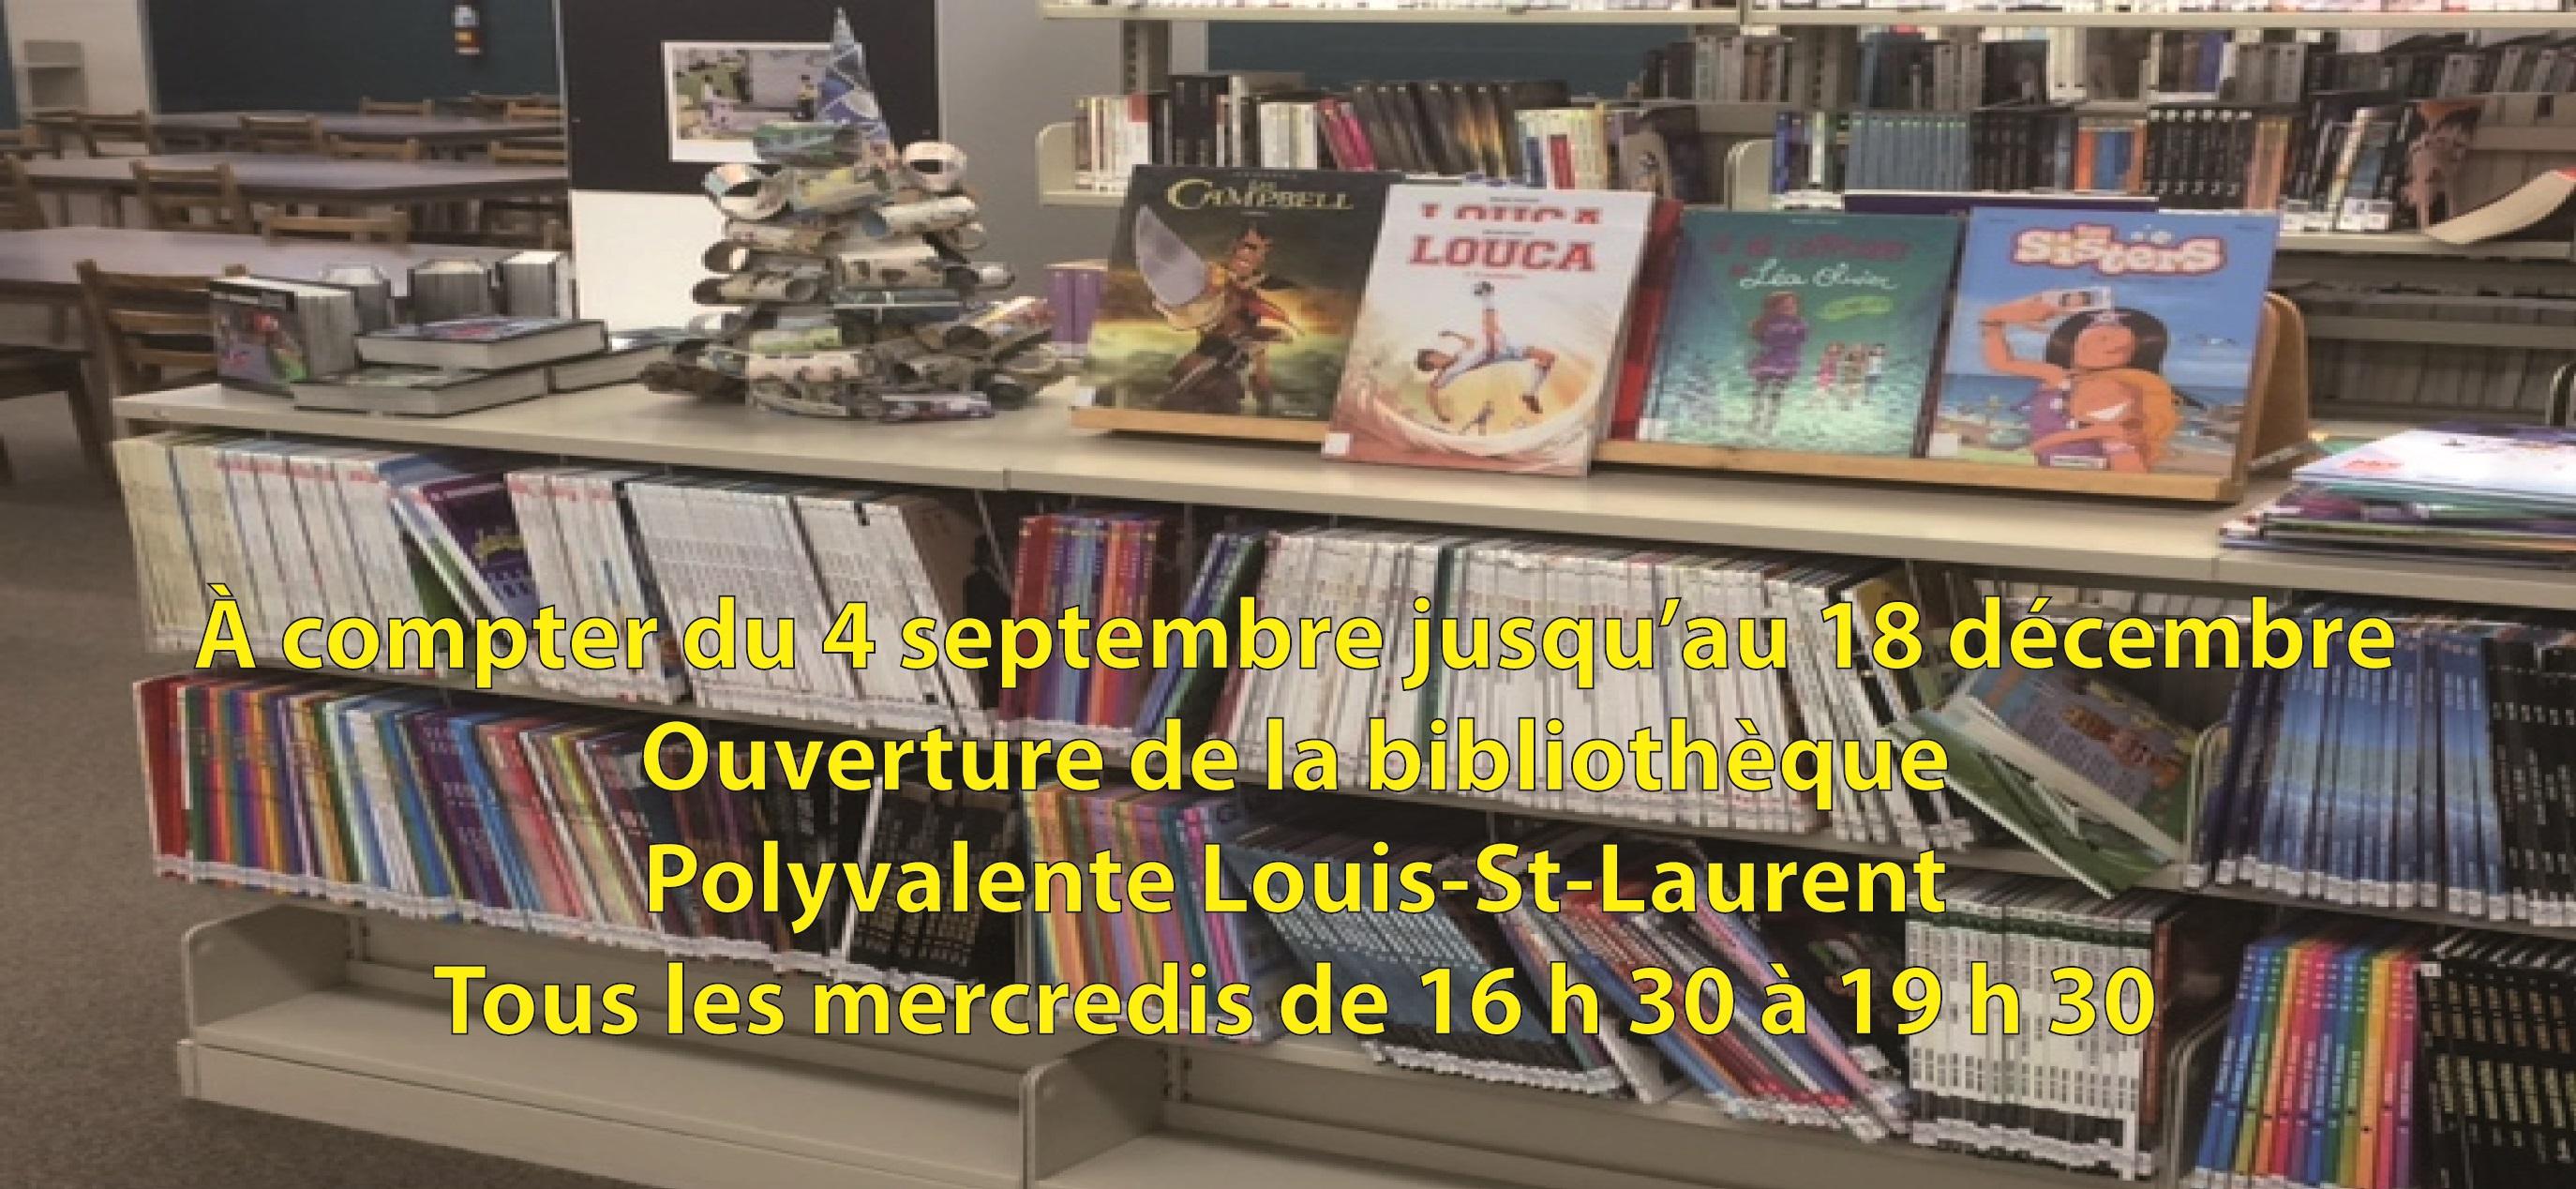 Ouverture de la bibliothèque automne 2019